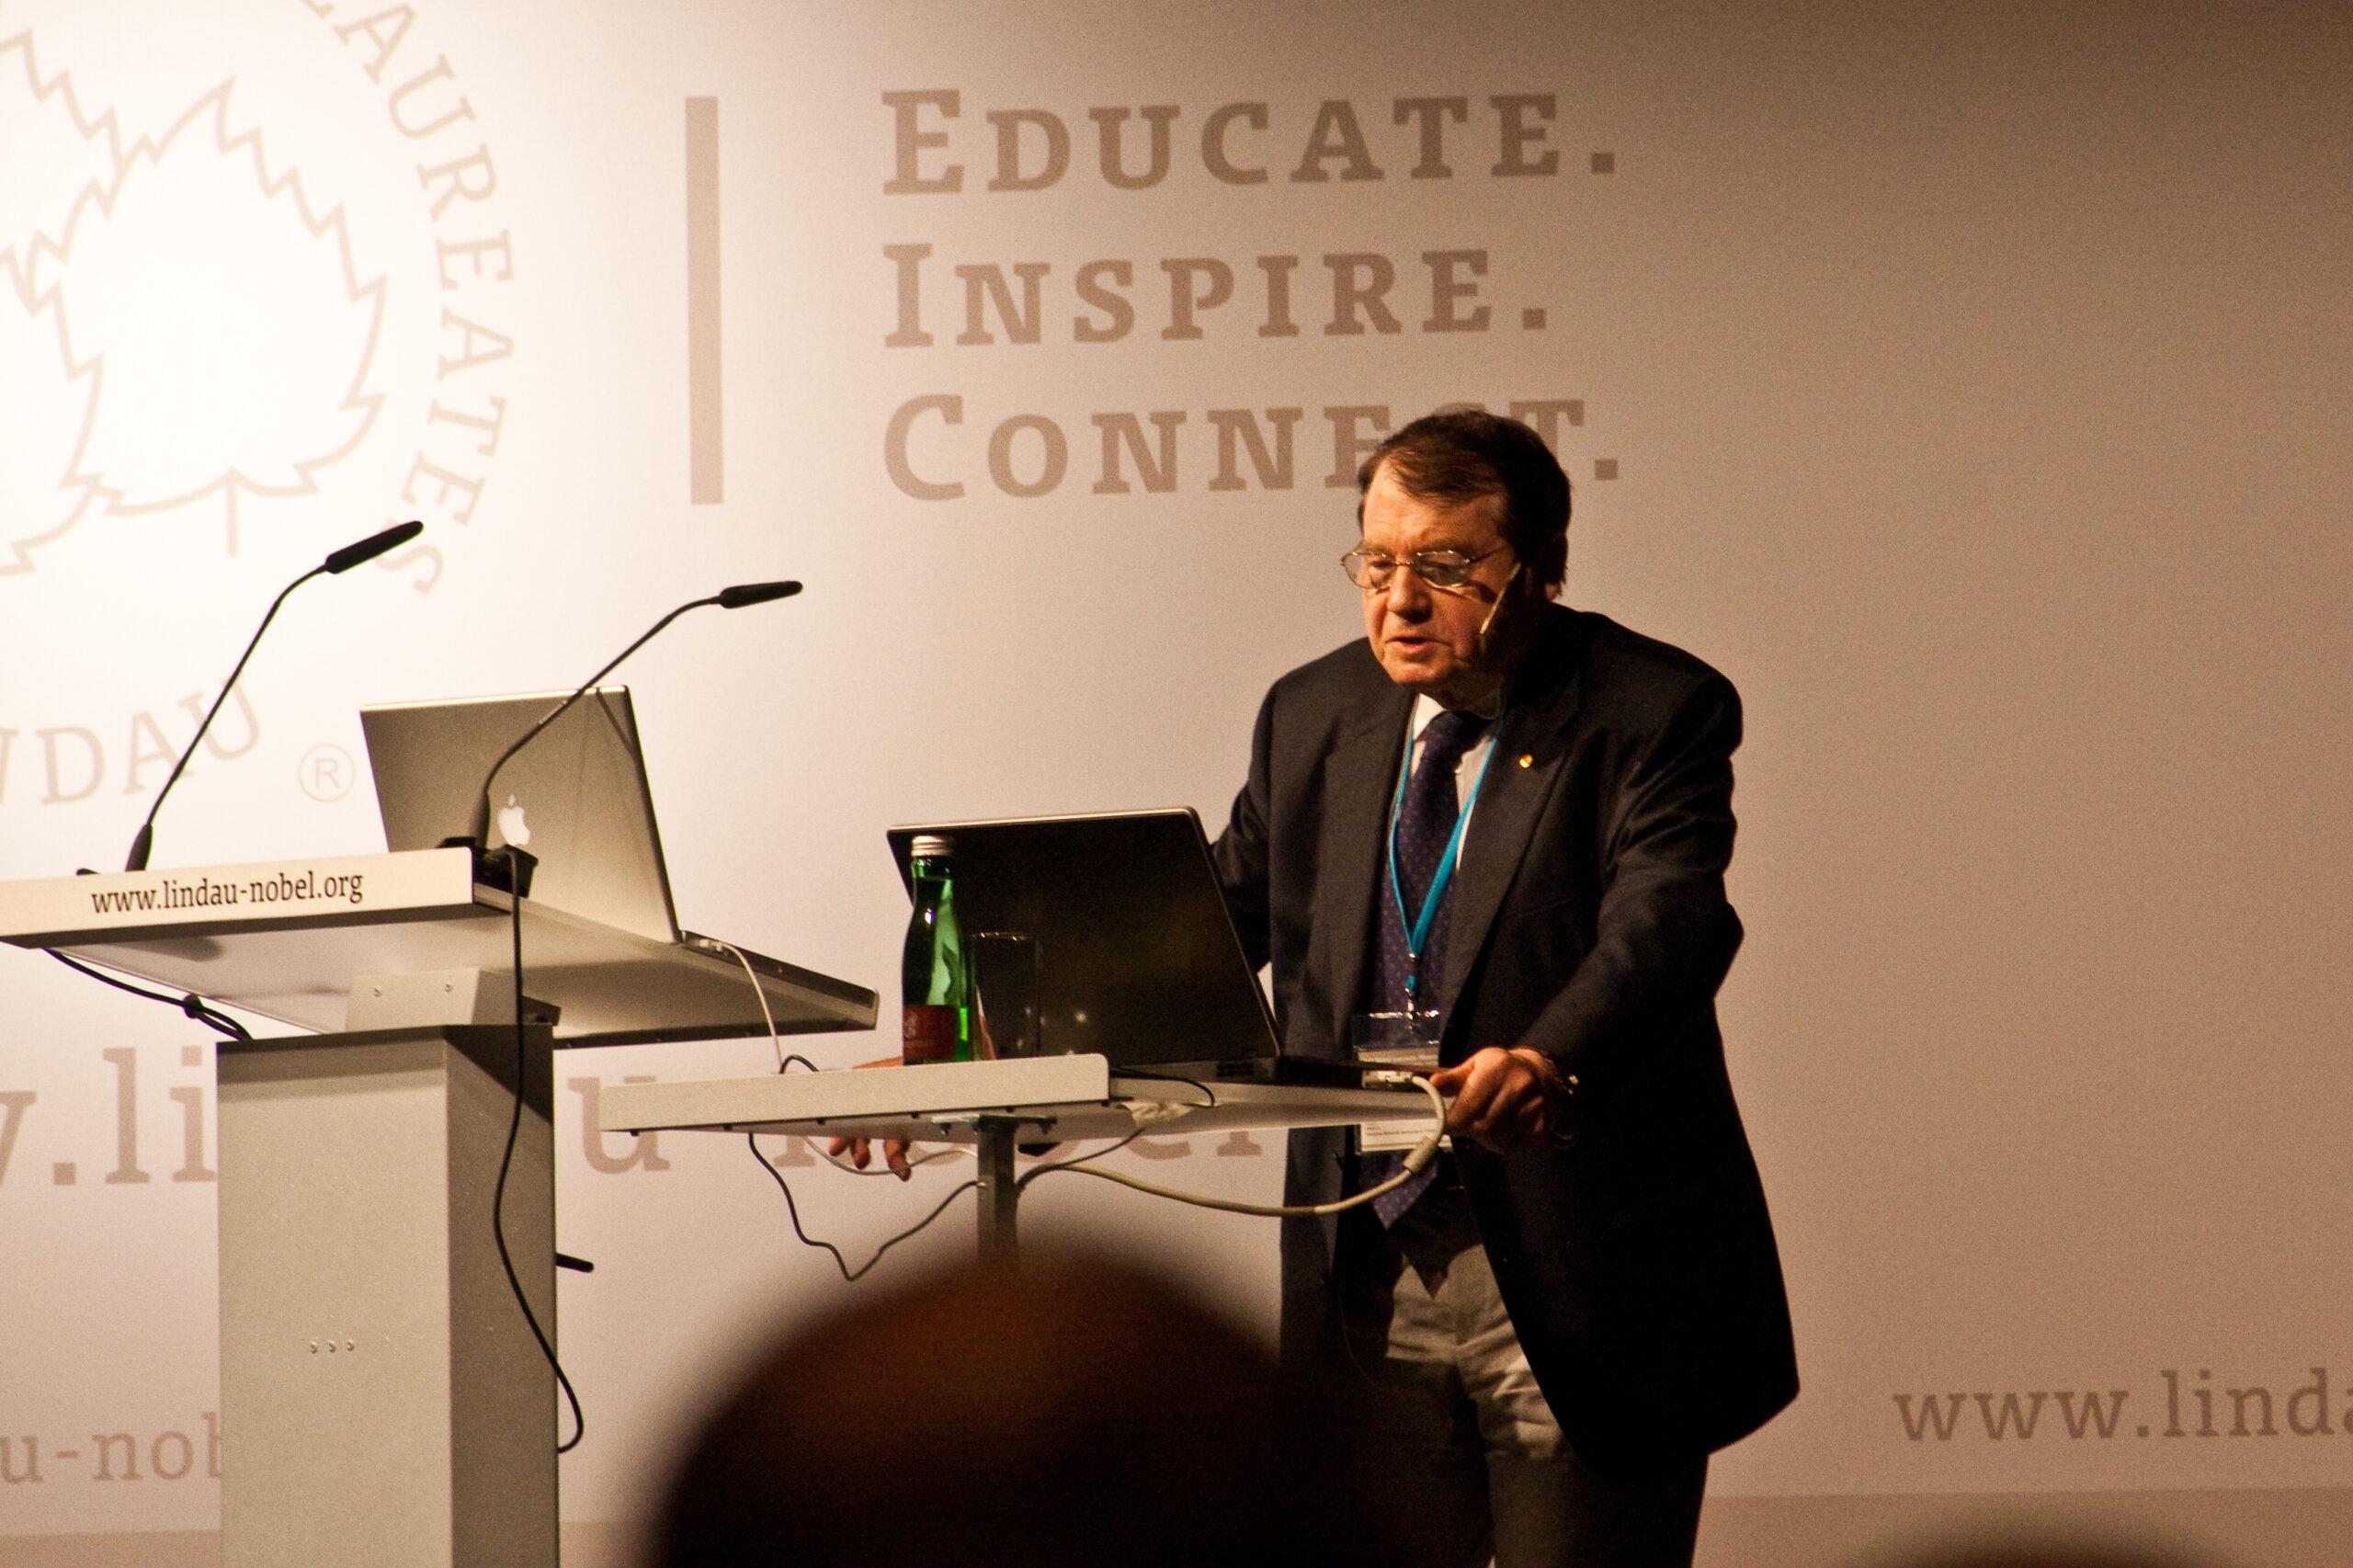 Dr. Luc Montagnier